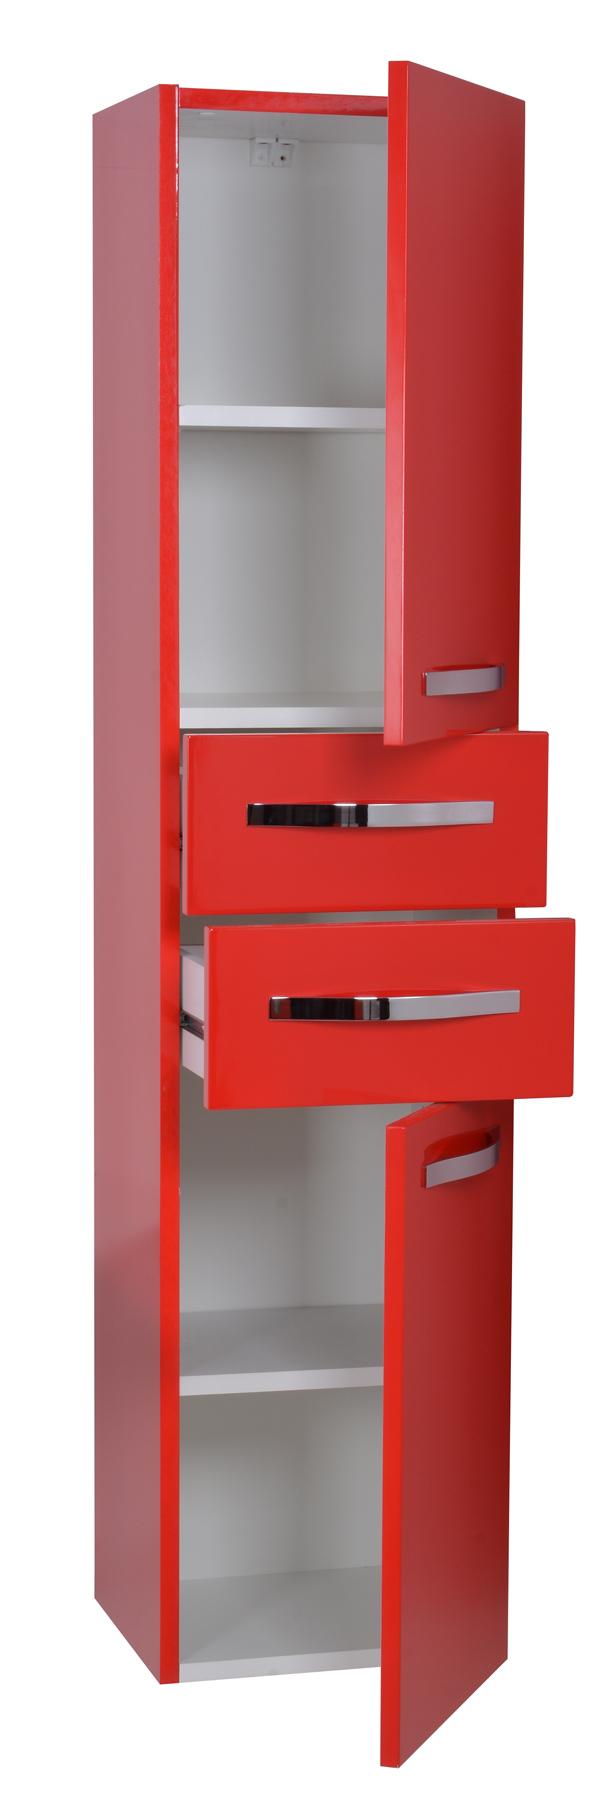 neu hochschrank klein schrank universal rot hochglanz direkt vom hersteller ebay. Black Bedroom Furniture Sets. Home Design Ideas